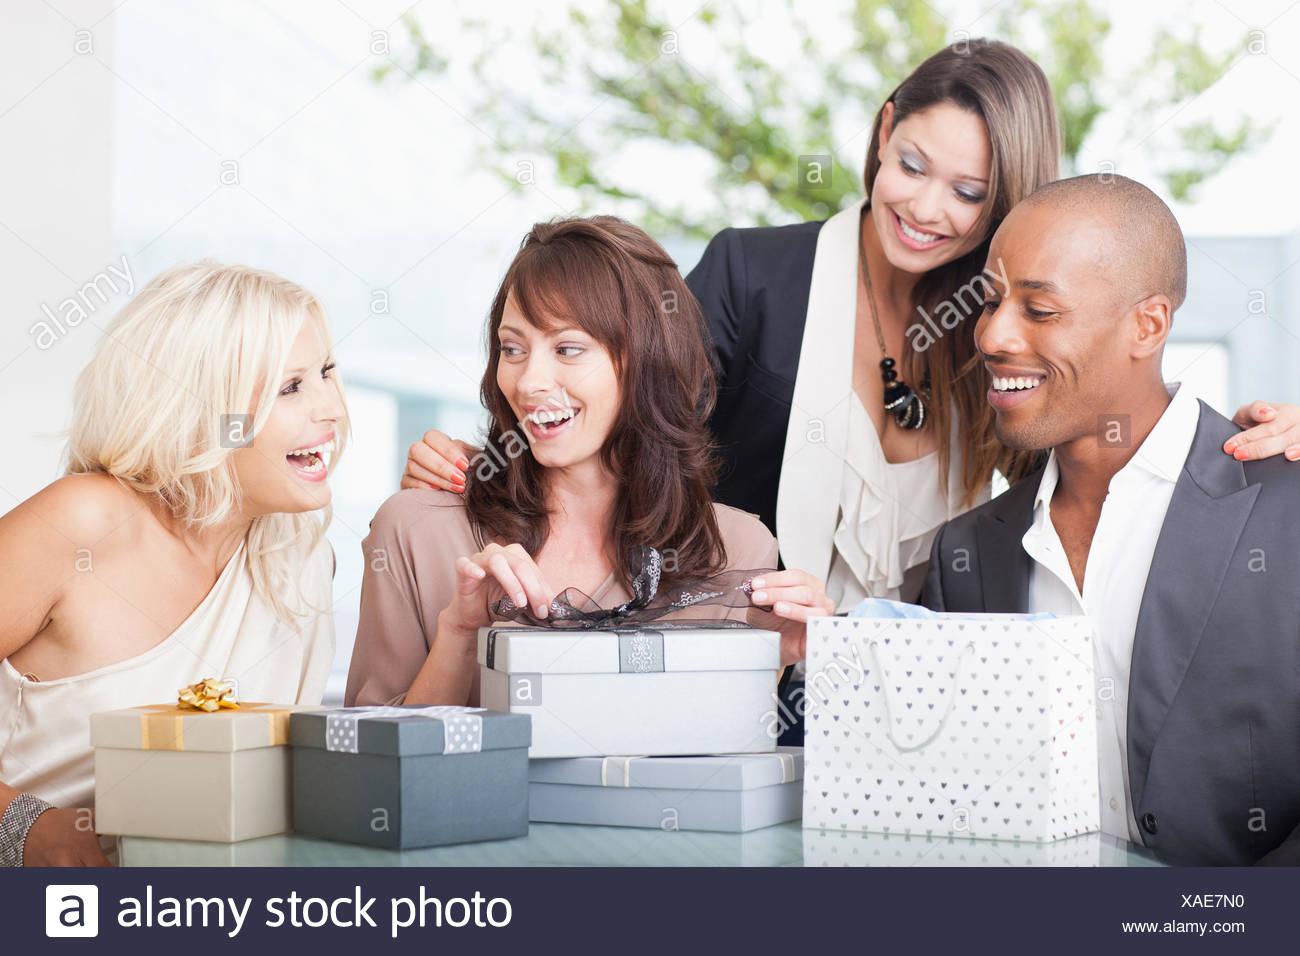 Freunde, die Geschenke zu öffnen Stockbild